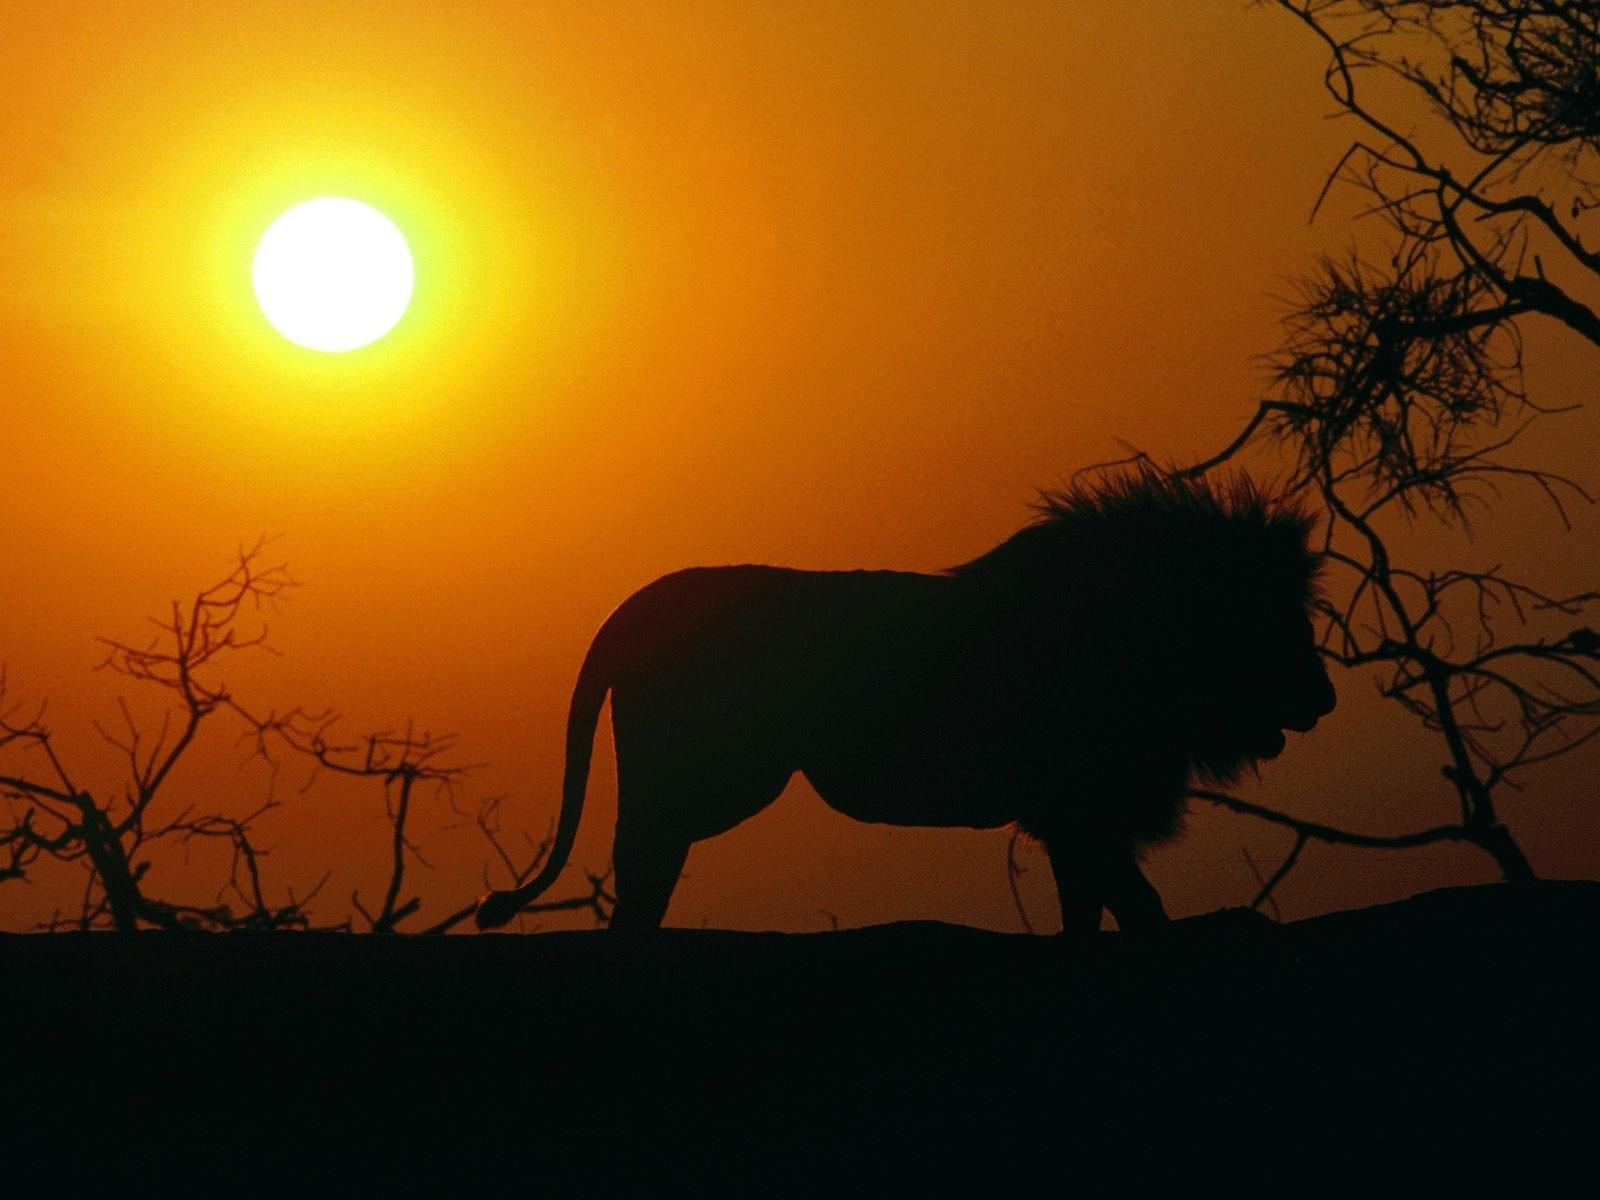 Imagenes de leones imagen leon en la sabana junto al amanecer - Animales salvajes apareandose ...